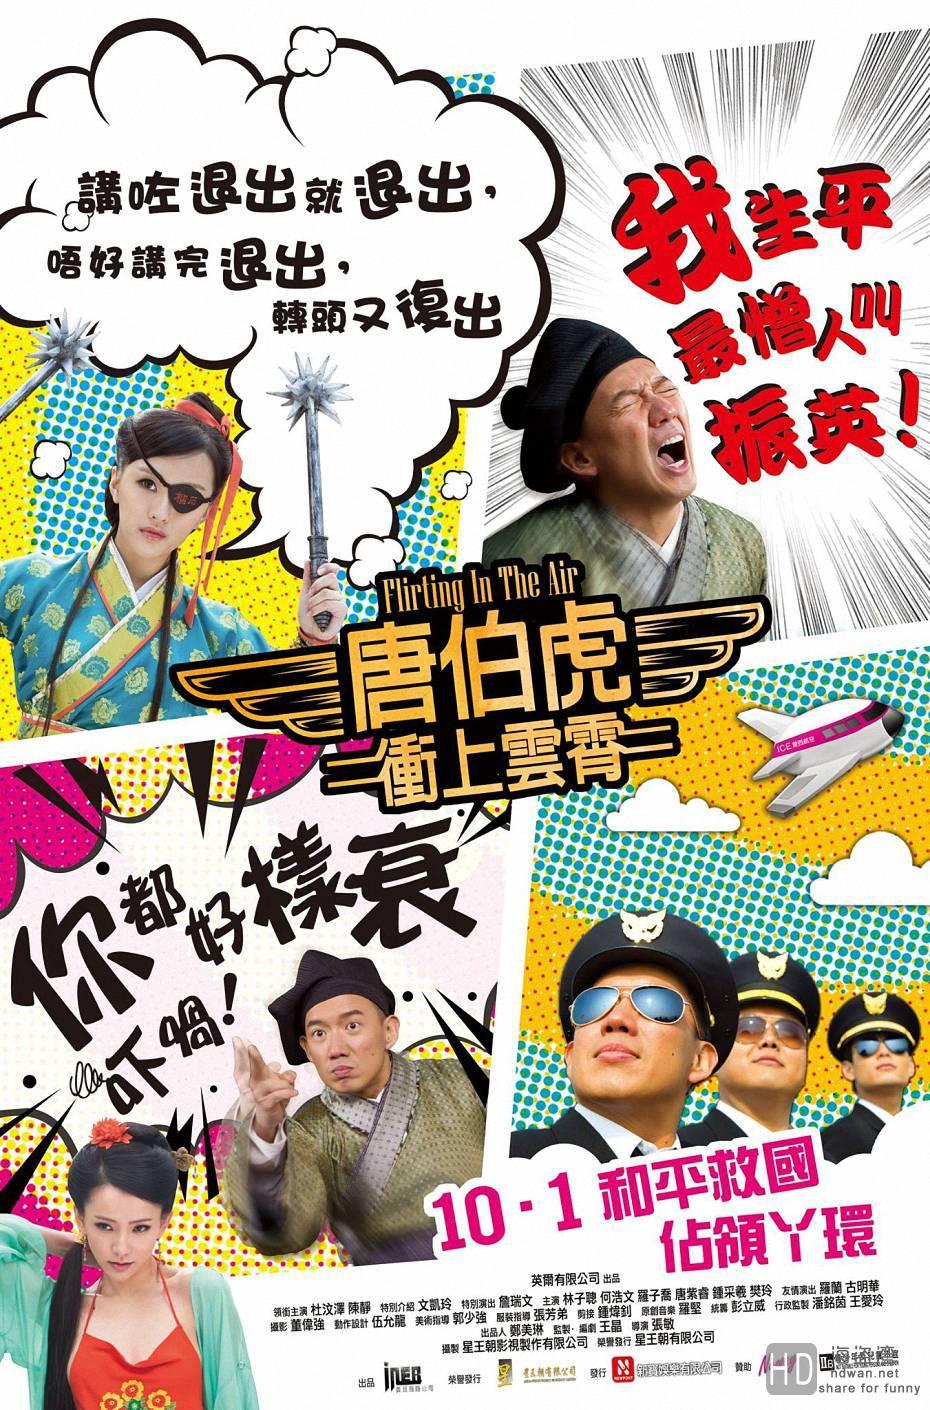 [2014][香港][喜剧][唐伯虎冲上云霄][HD-MP4/1.5G][国粤双语][720P]